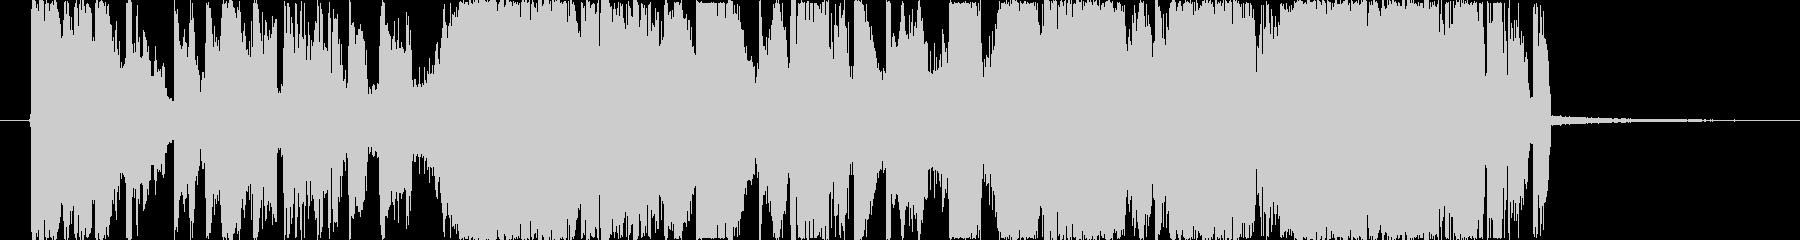 15秒CM インパクト 躍動感 EDMの未再生の波形